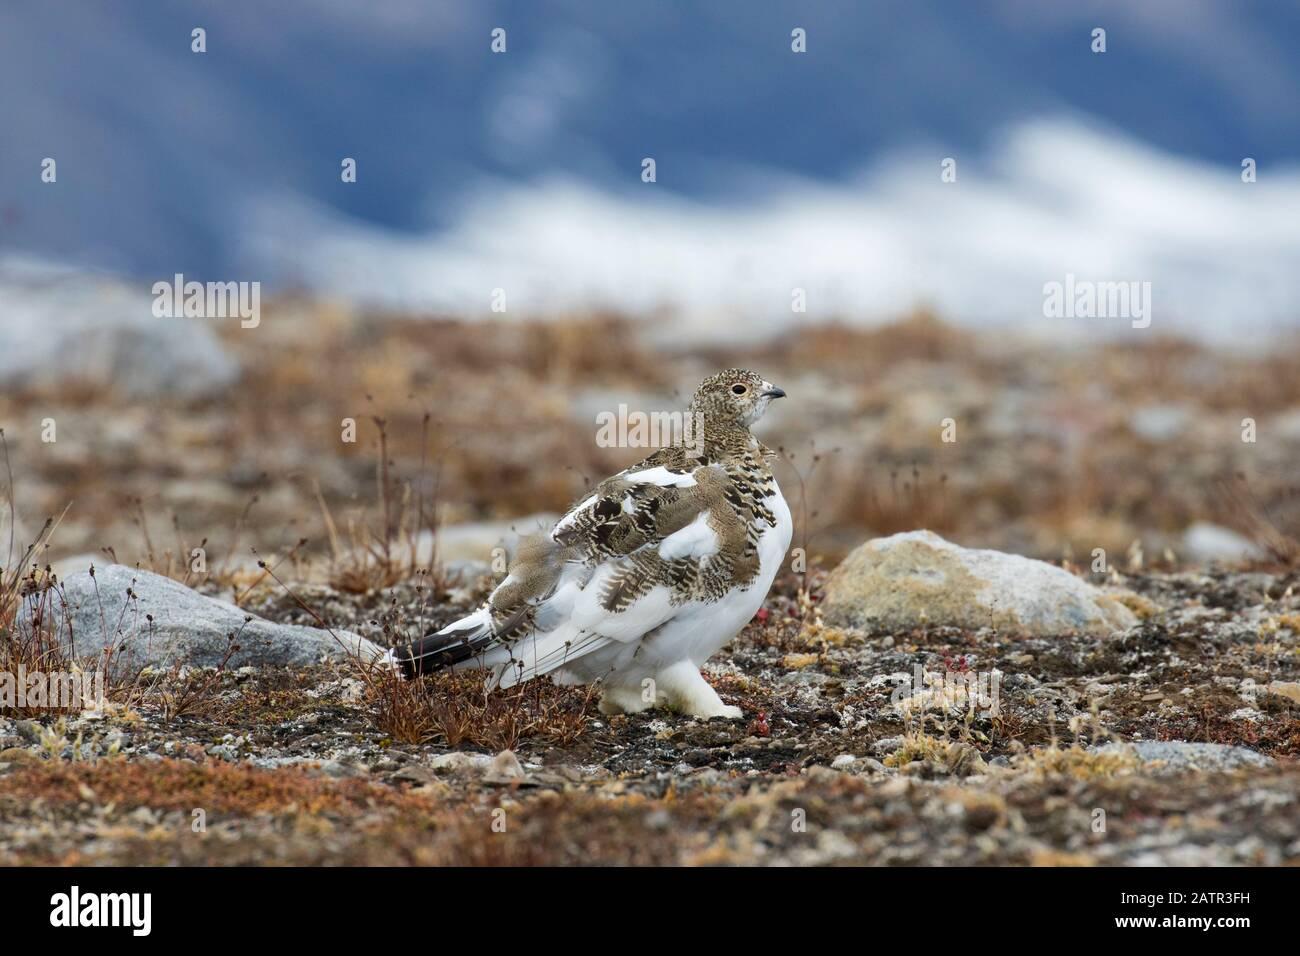 Rock ptarmigan (Lagopus muta / Lagopus mutus) femelle sur la toundra en automne, Svalbard / Spitsbergen, Norvège Banque D'Images